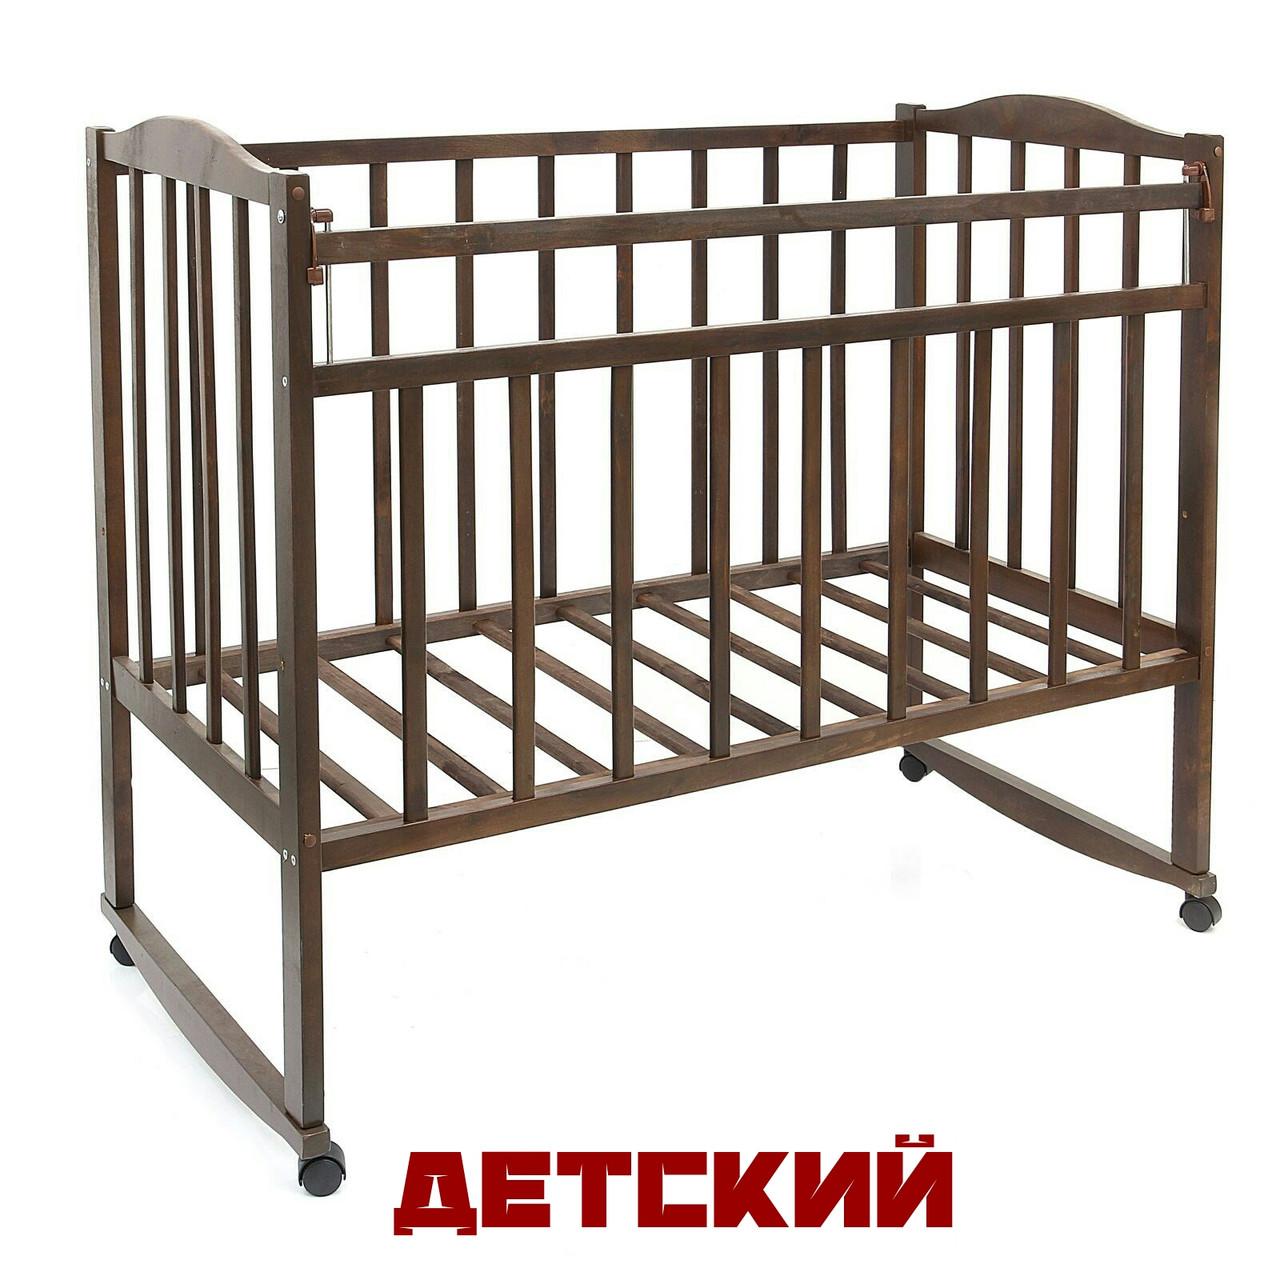 Детская кроватка ВДК, Россия (цвет орех)